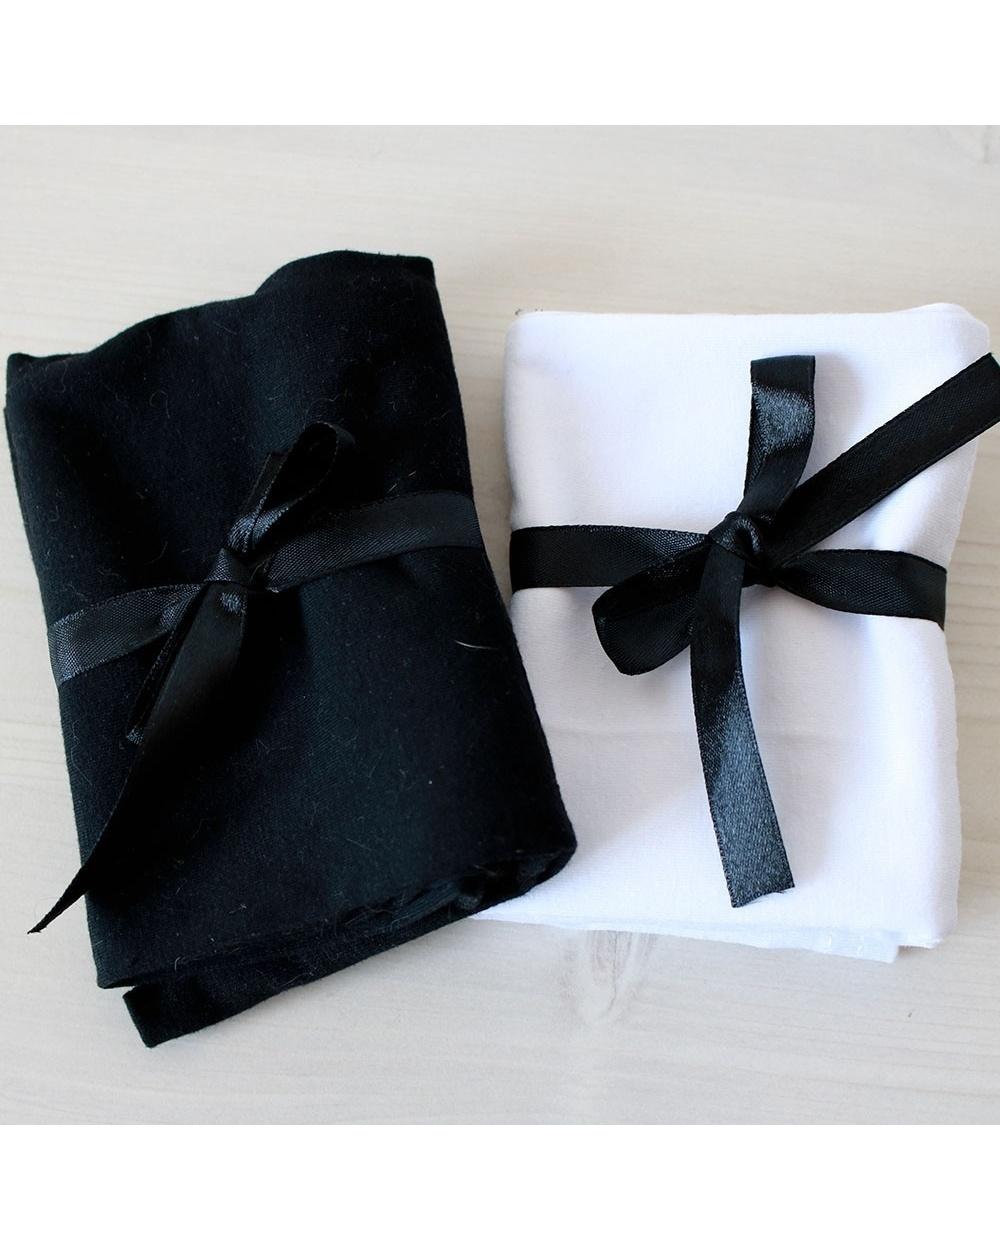 MeHam Kit daccessoires de Sport pour Chambre /à Coucher en Nylon avec Bandeau pour Les Yeux (Violet)